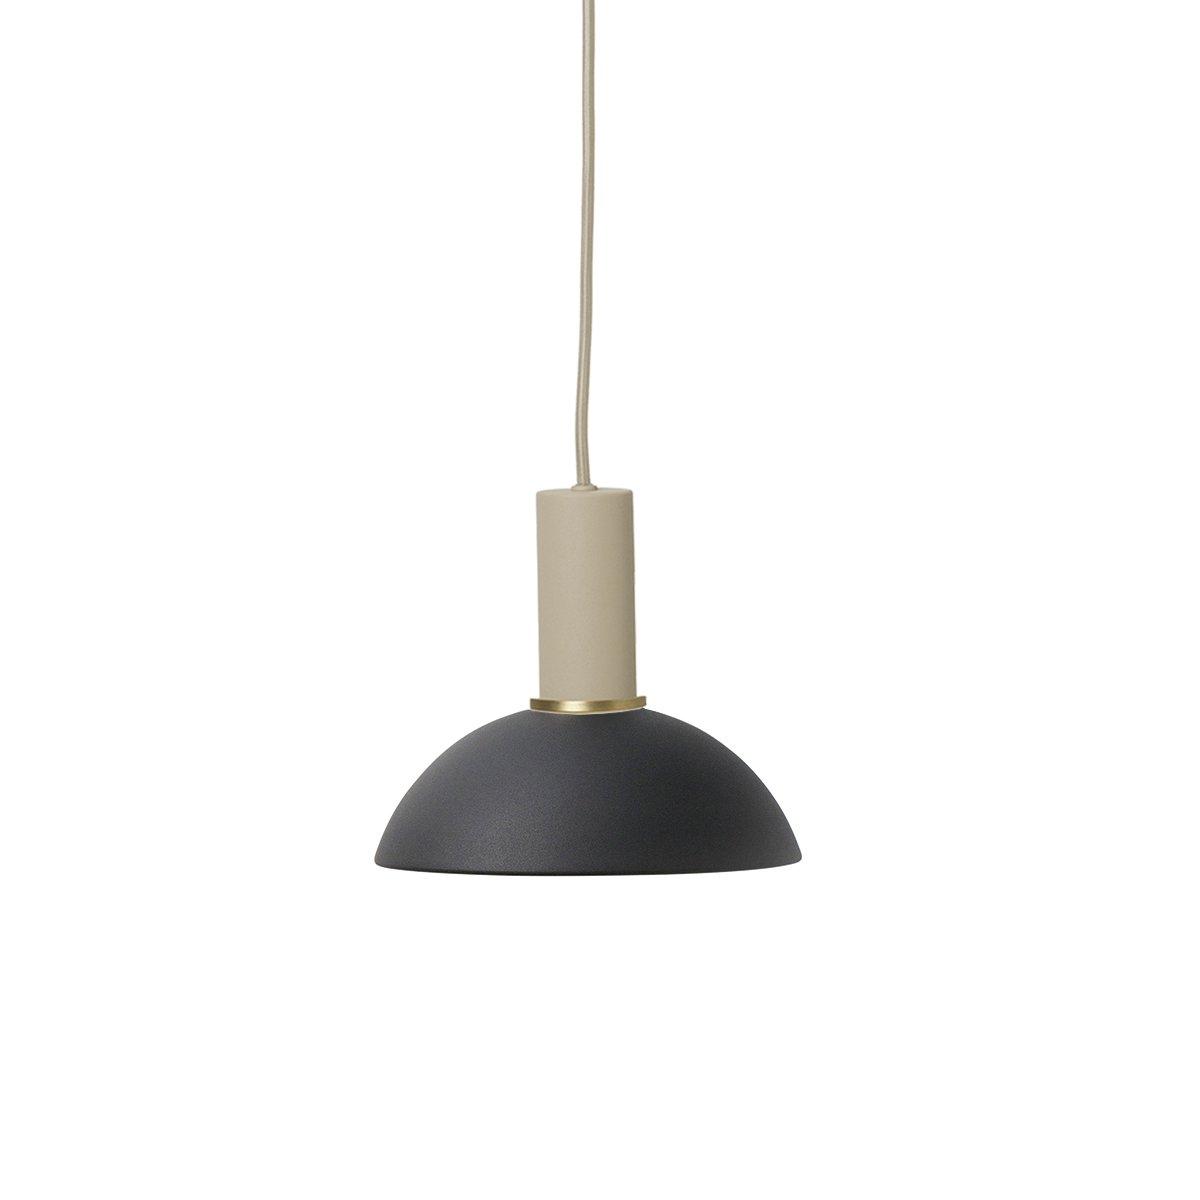 Ferm Living Collect Hoop Zwart Low Hanglamp - Cashmere